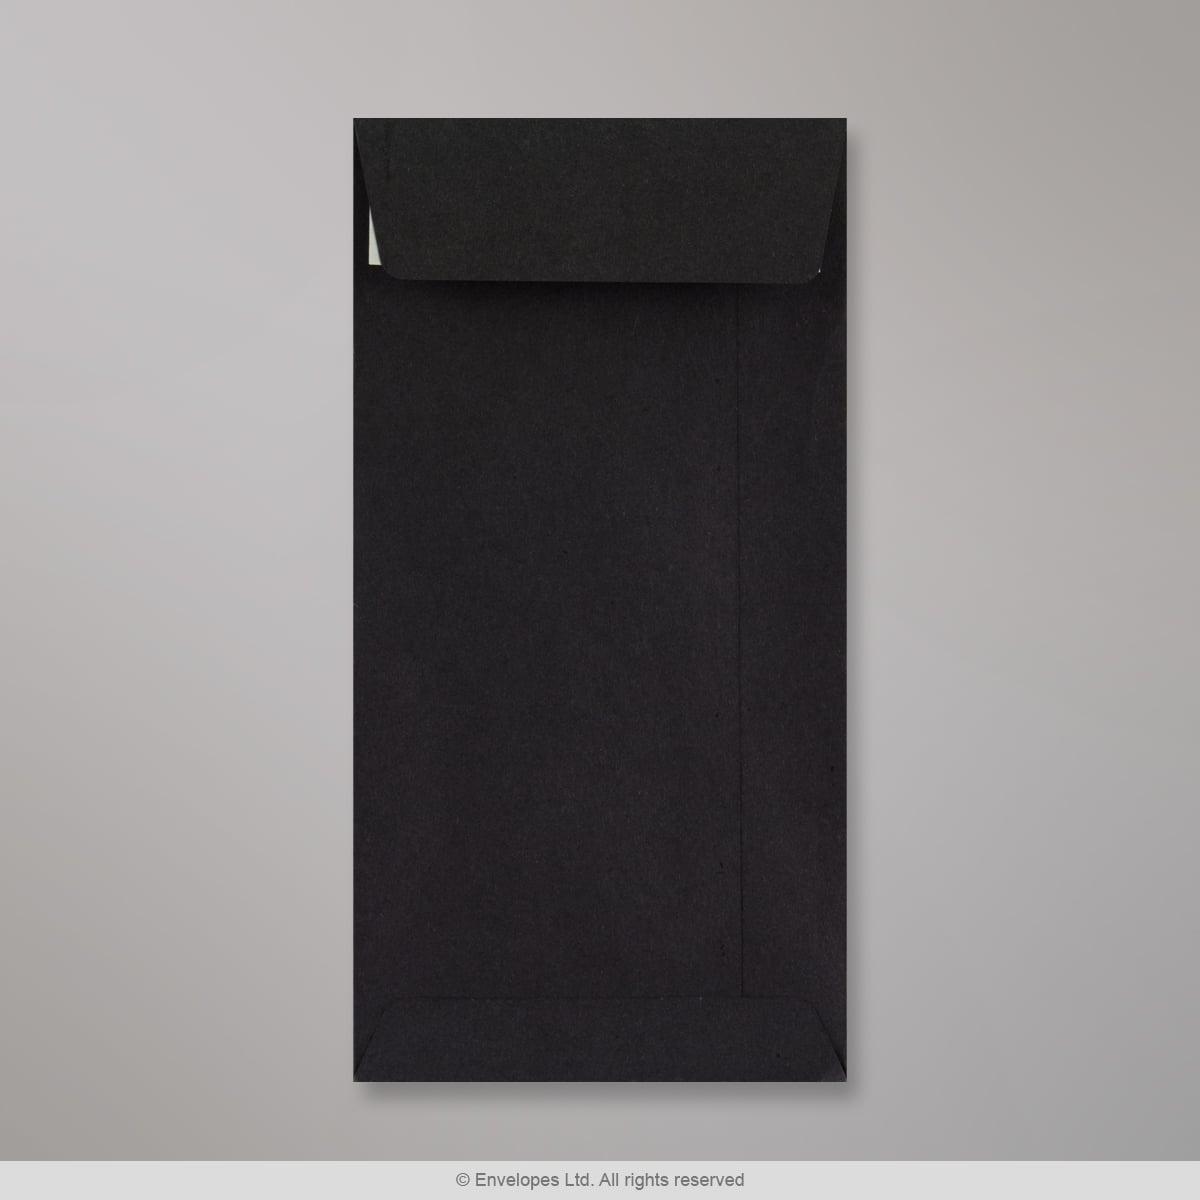 Musta kirjekuori 220x110 mm (DL)